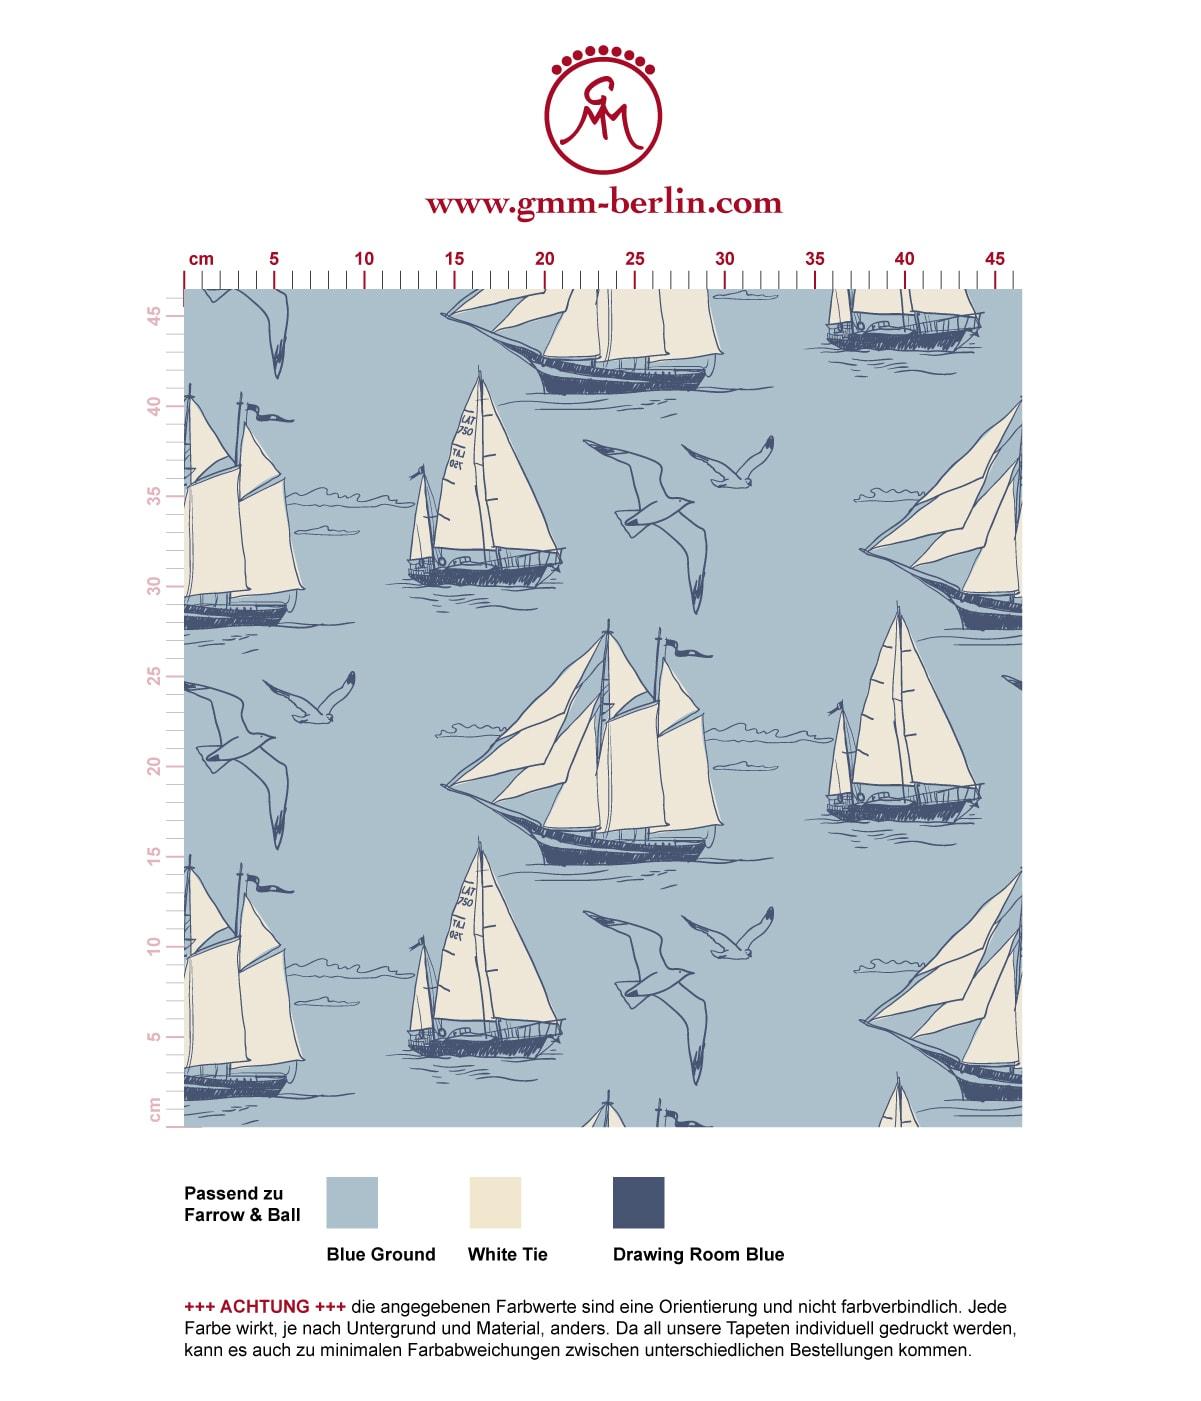 """""""Die Regatta"""" - klassische Segler Tapete """"Die Regatta"""" mit Segelbooten und Möwen auf blau angepasst an Farrow and Ball Wandfarben- Vliestapete Tiere, Kinder"""